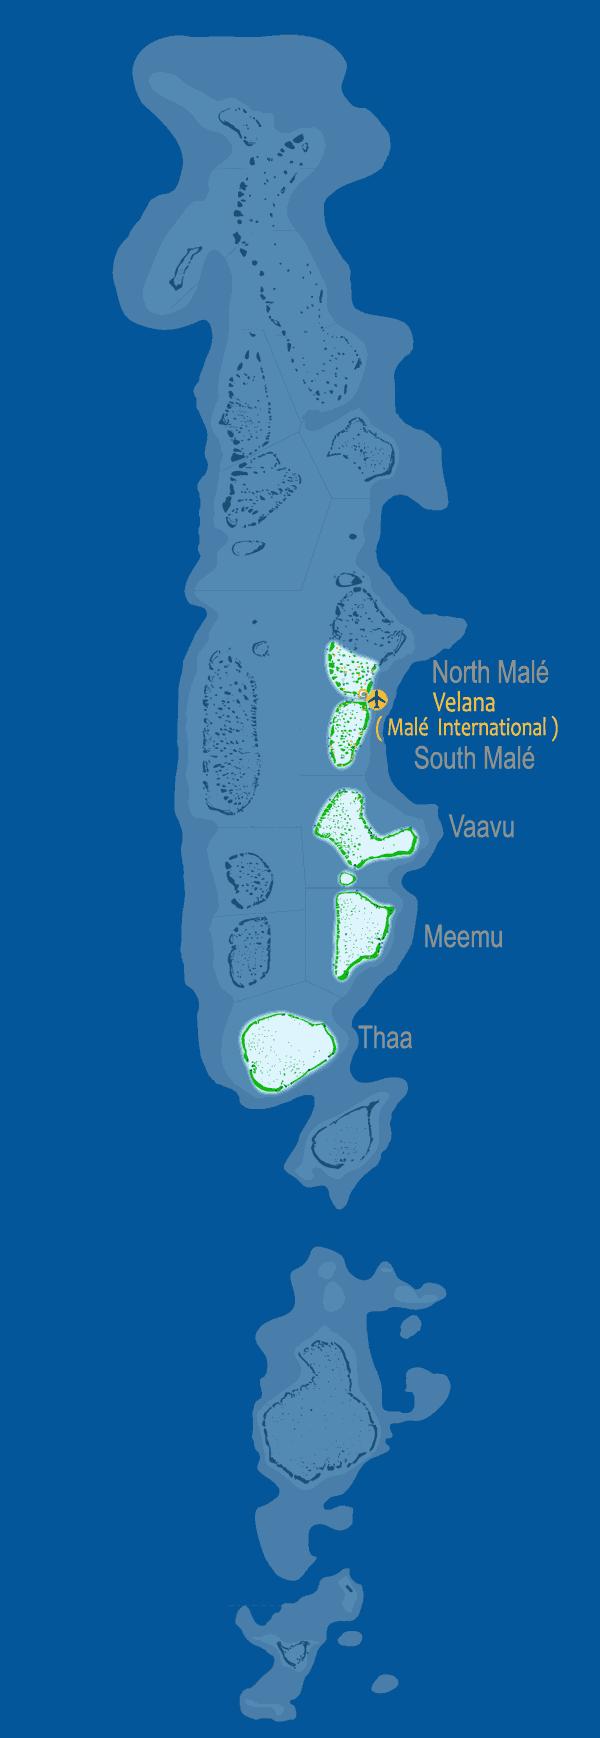 Divetrip Ocean Divines Meemu and Thaa Atoll 14 March 18